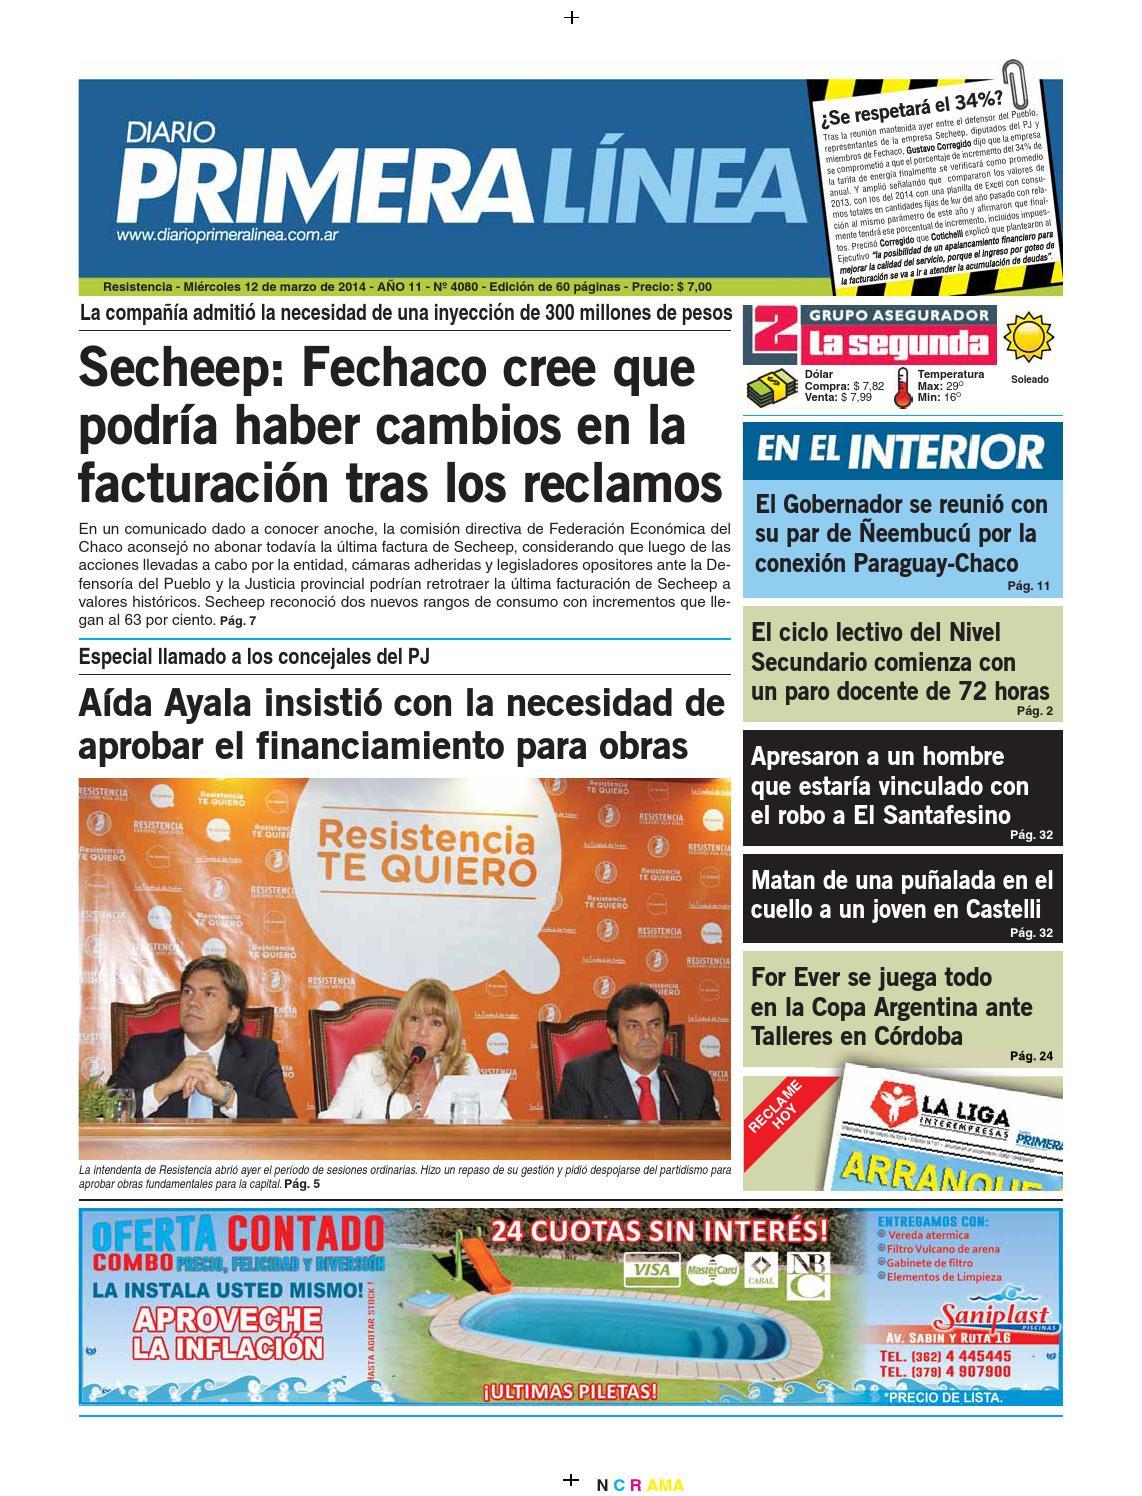 Primera Linea 4080 12 03 14 by Diario Primera Linea - issuu